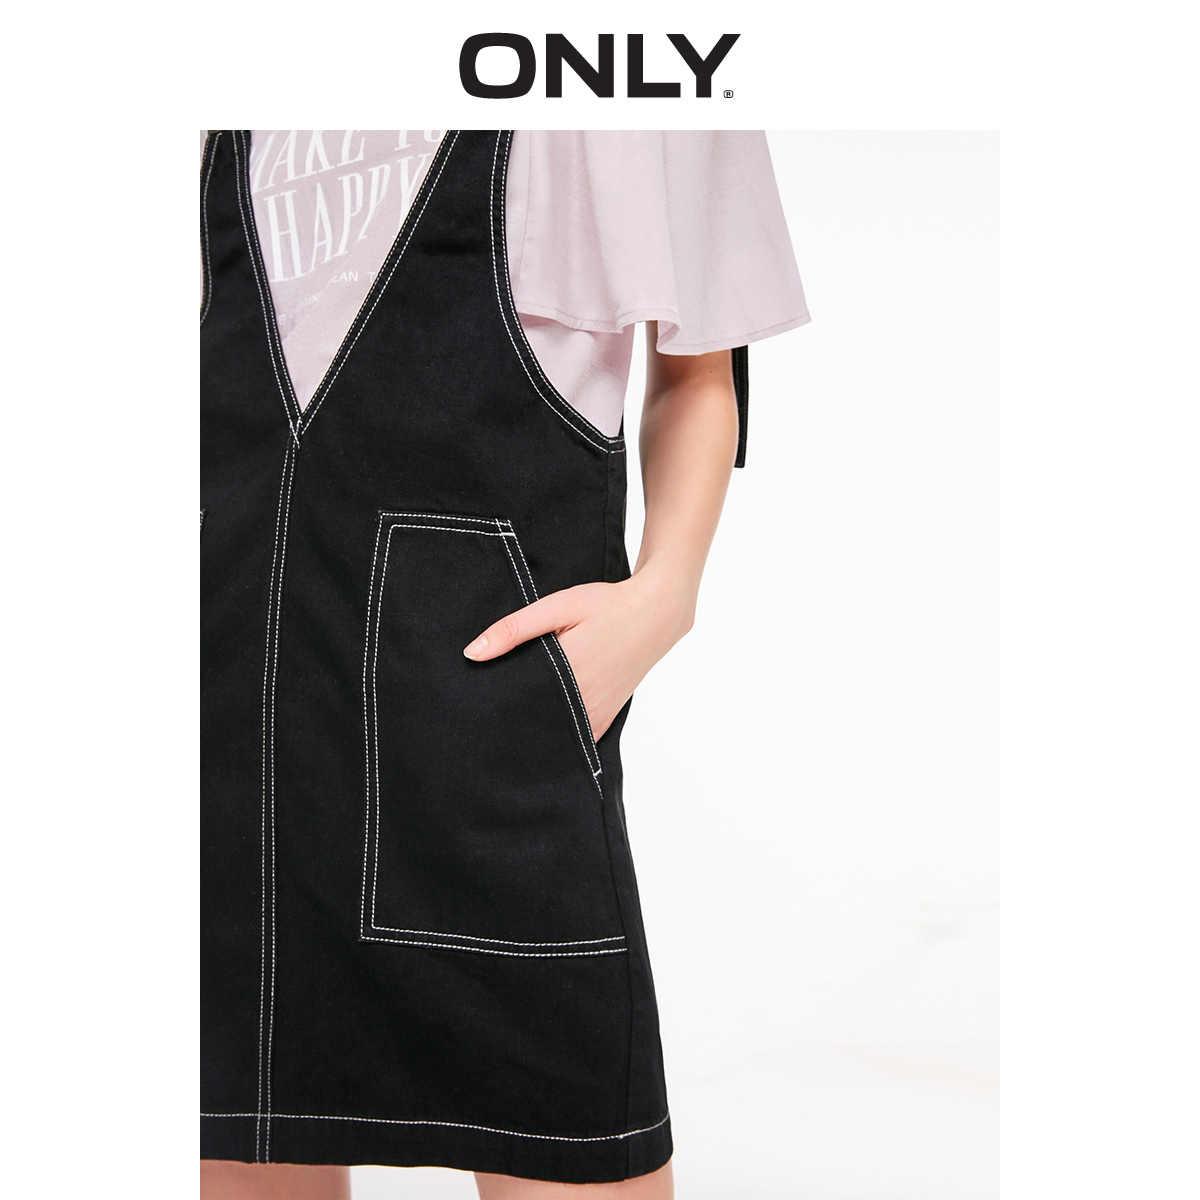 Только 2019 Весна Лето Новое прямое платье из джинсовой ткани на подтяжках | 119142507